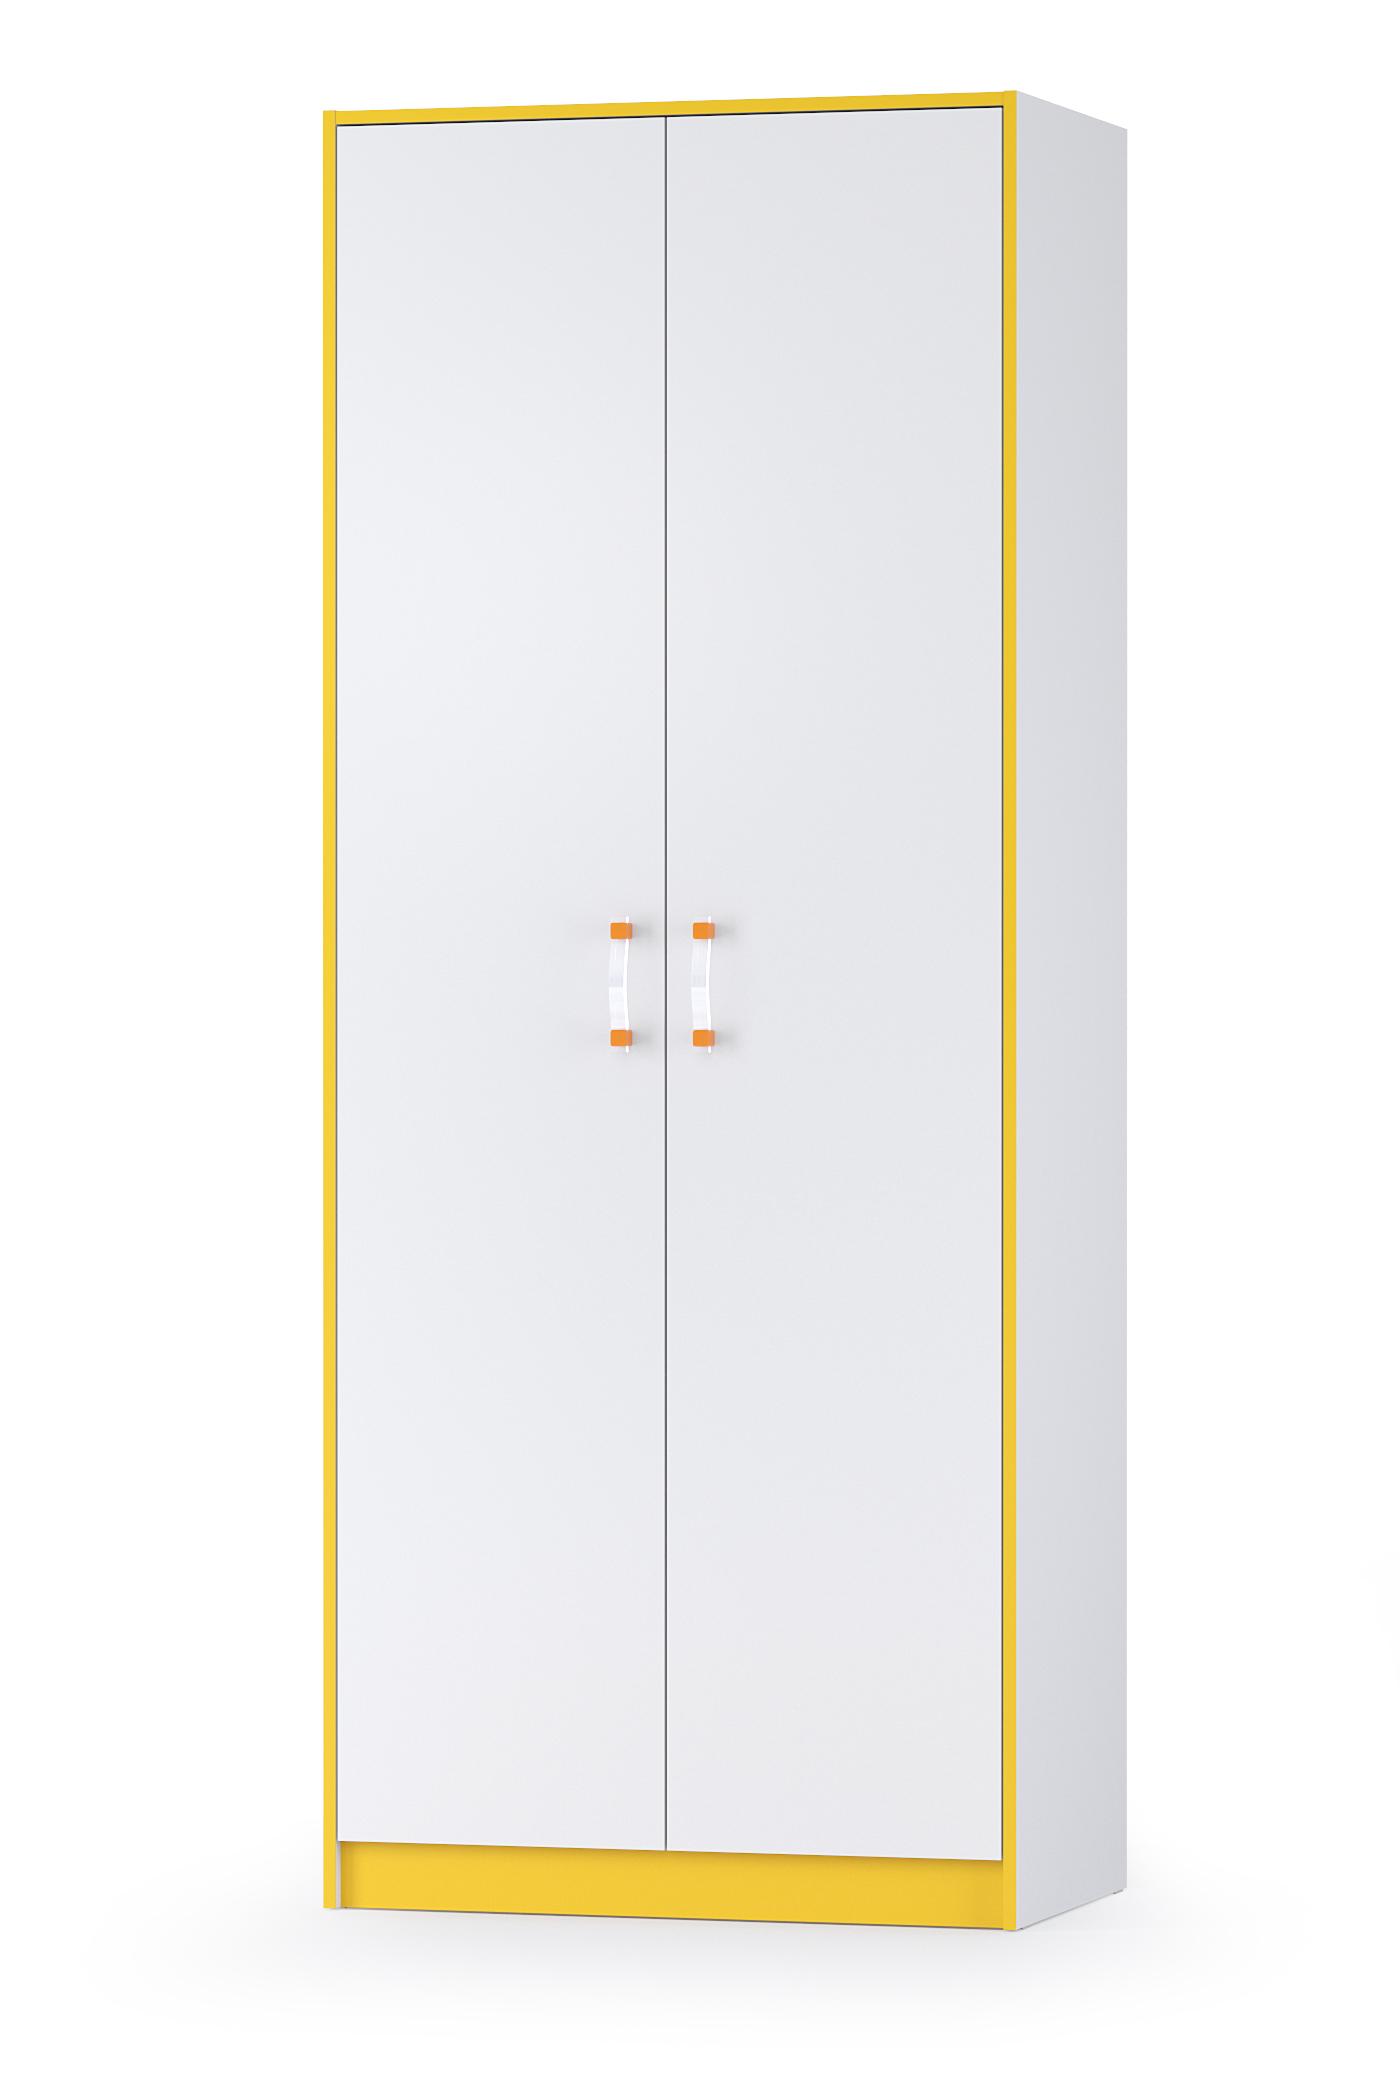 Шкаф двухдверный Mobi Альфа 13.42 солнечный свет/белый премиум, 87х53х218 см